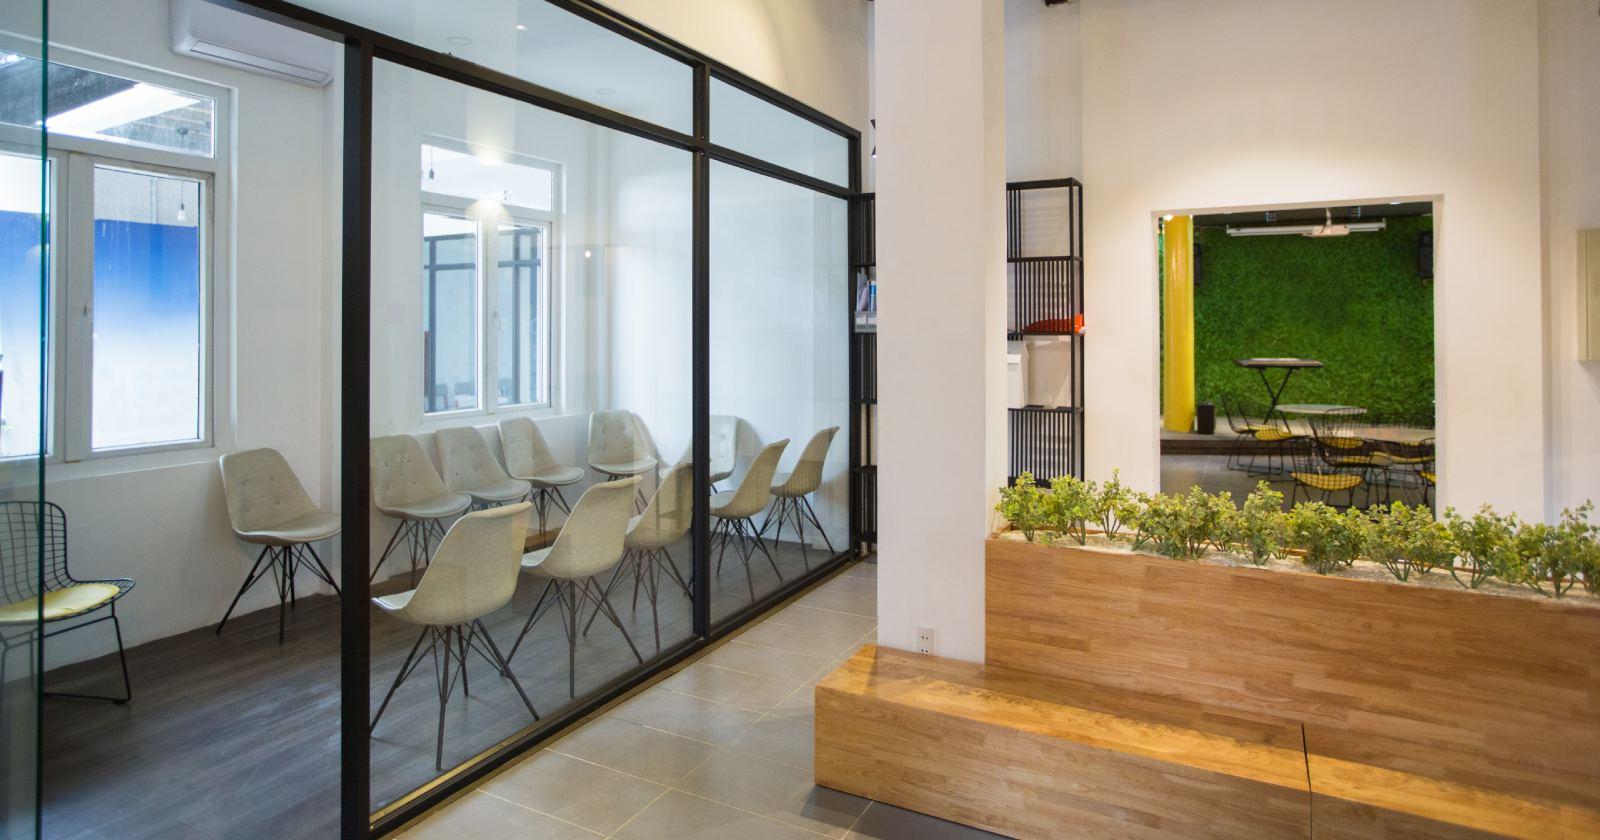 ¿Podemos predecir cuando una empresa se va a cambiar de oficina?